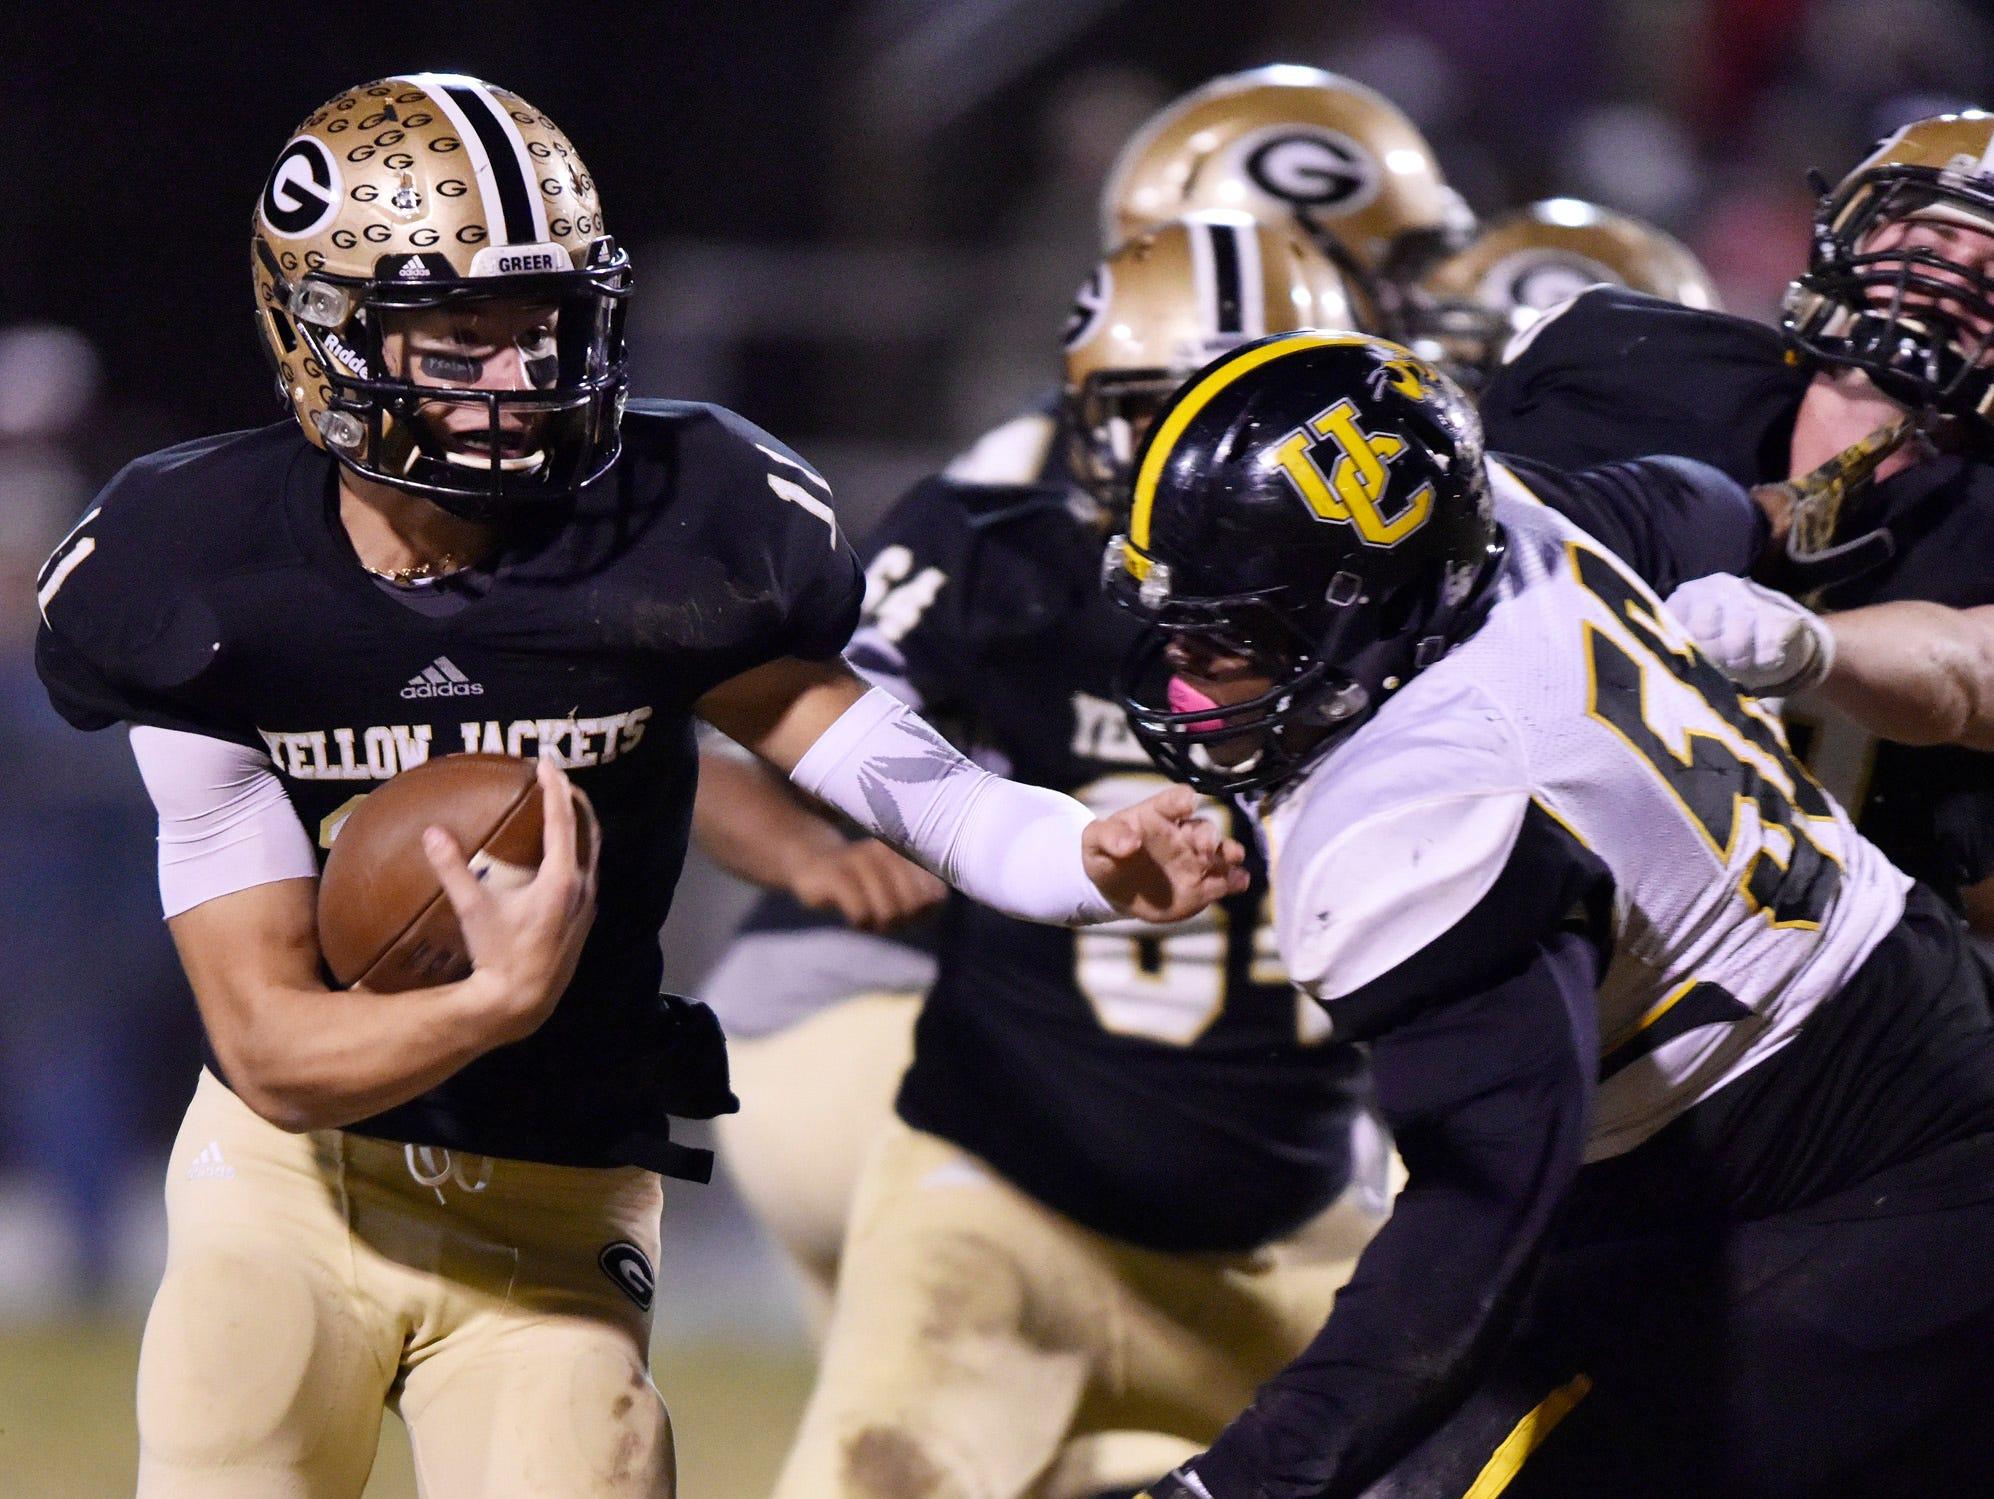 Greer quarterback Mario Cusano (11) evades a Union County defender.